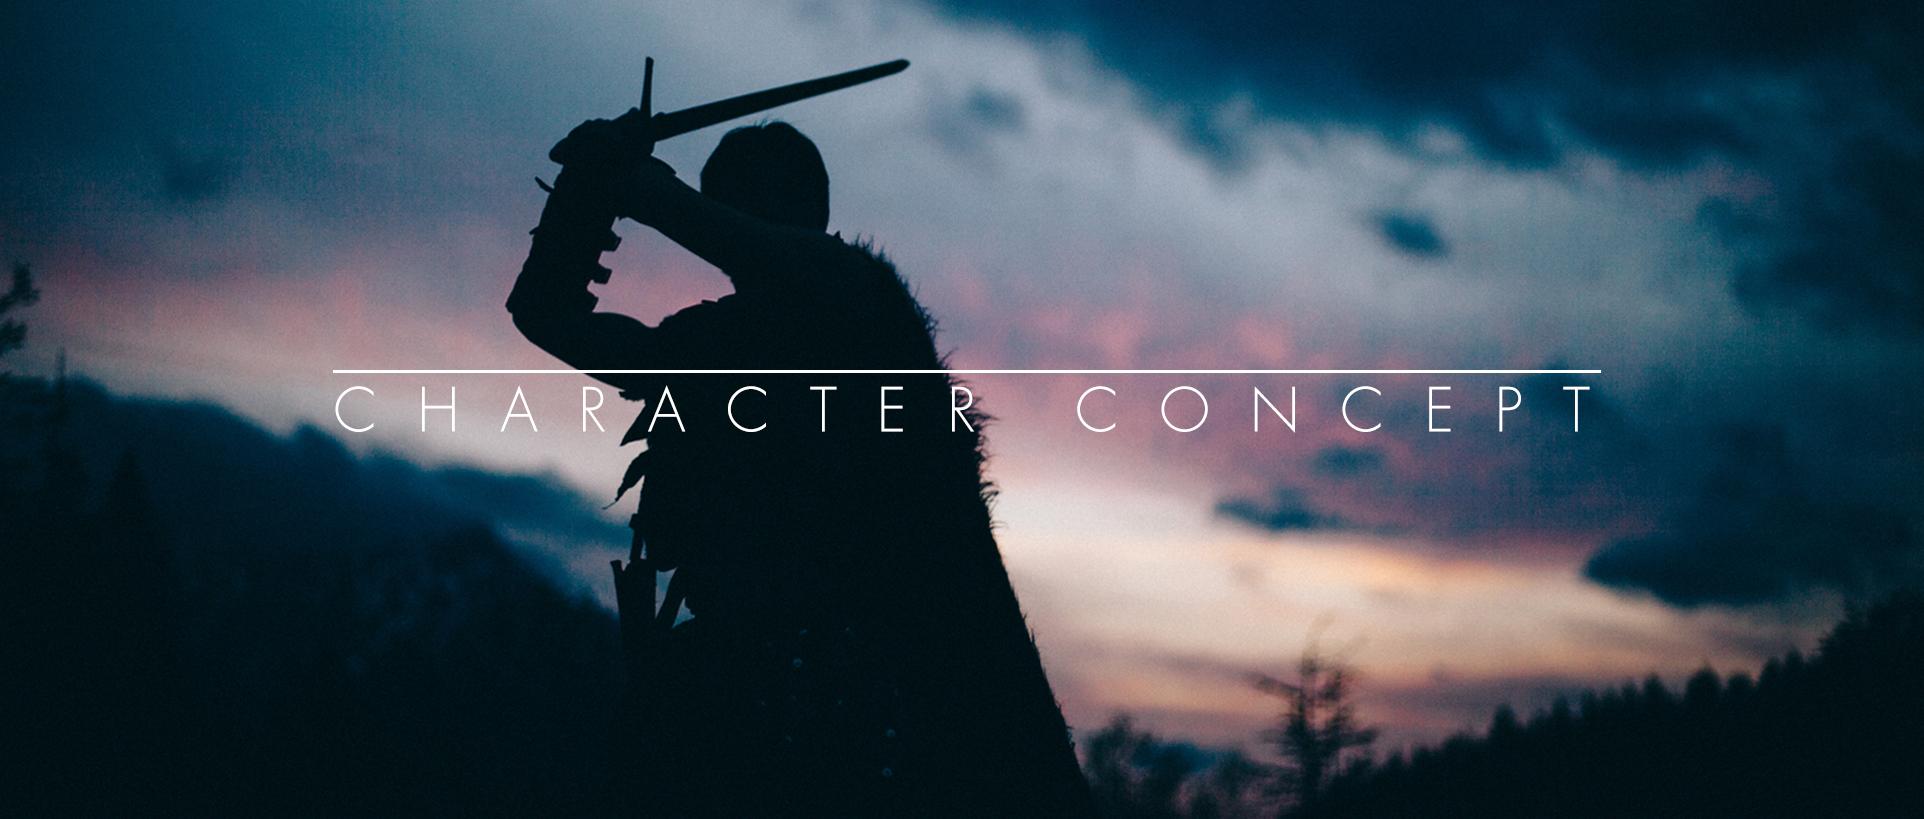 CharacterConceptHeader